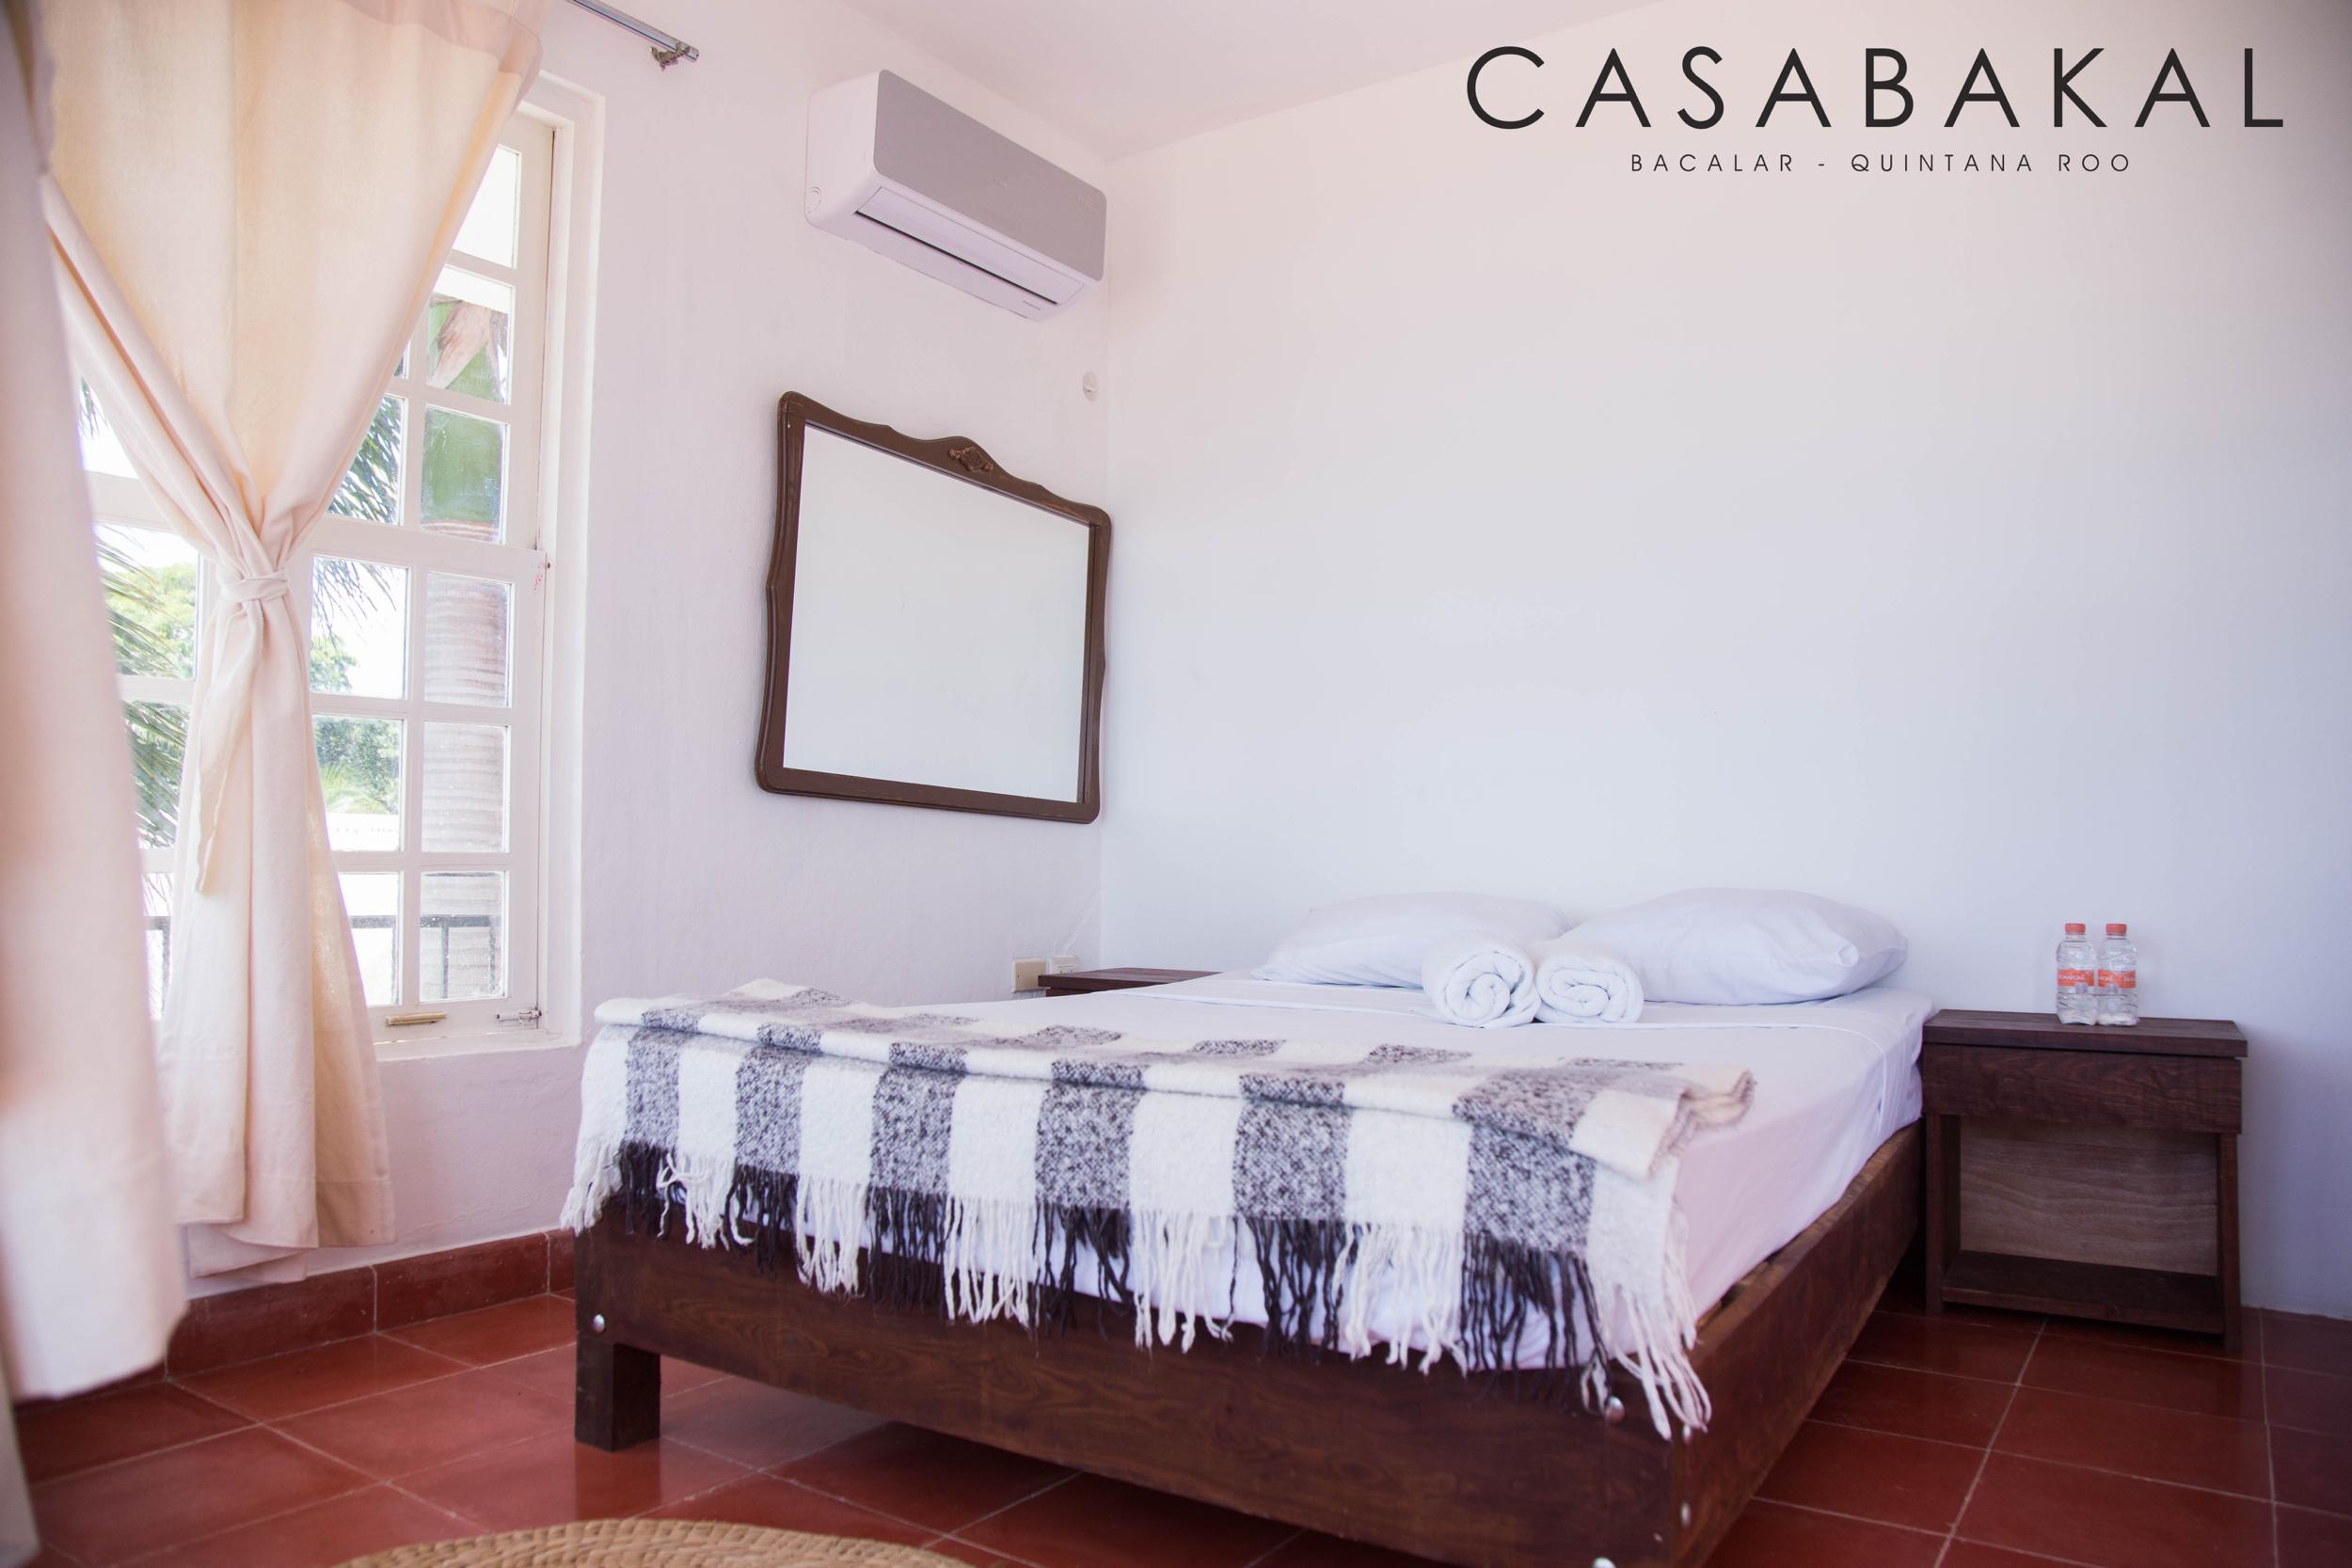 Habitación Privada Con Vista A Laguna Casa Bakal